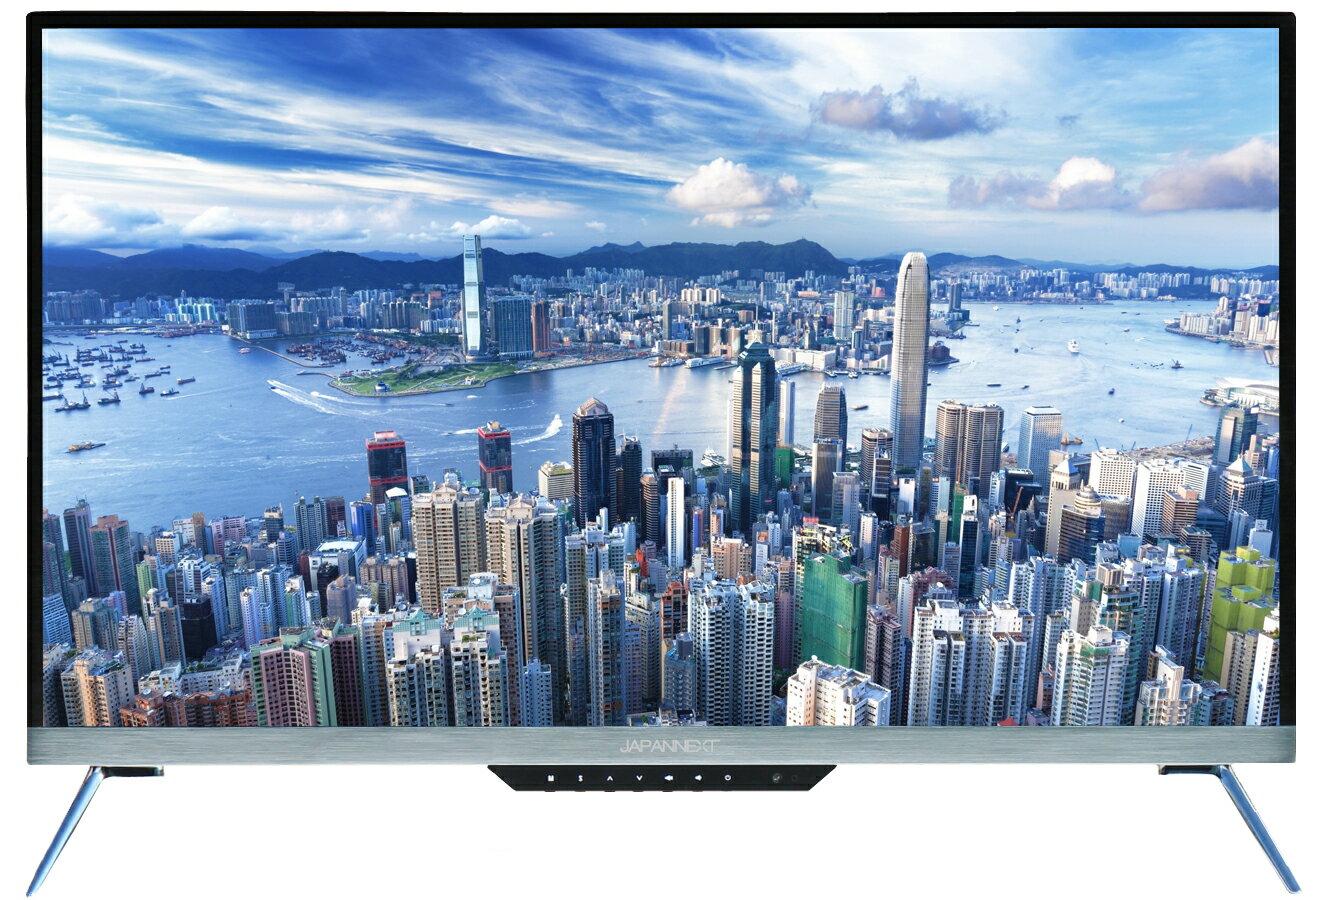 【送料無料】JAPANNEXT 32型ワイド LEDバックライト搭載4K液晶ディスプレイ UHD PCモニター JN-IPS320UHD [32インチ]FreeSync対応